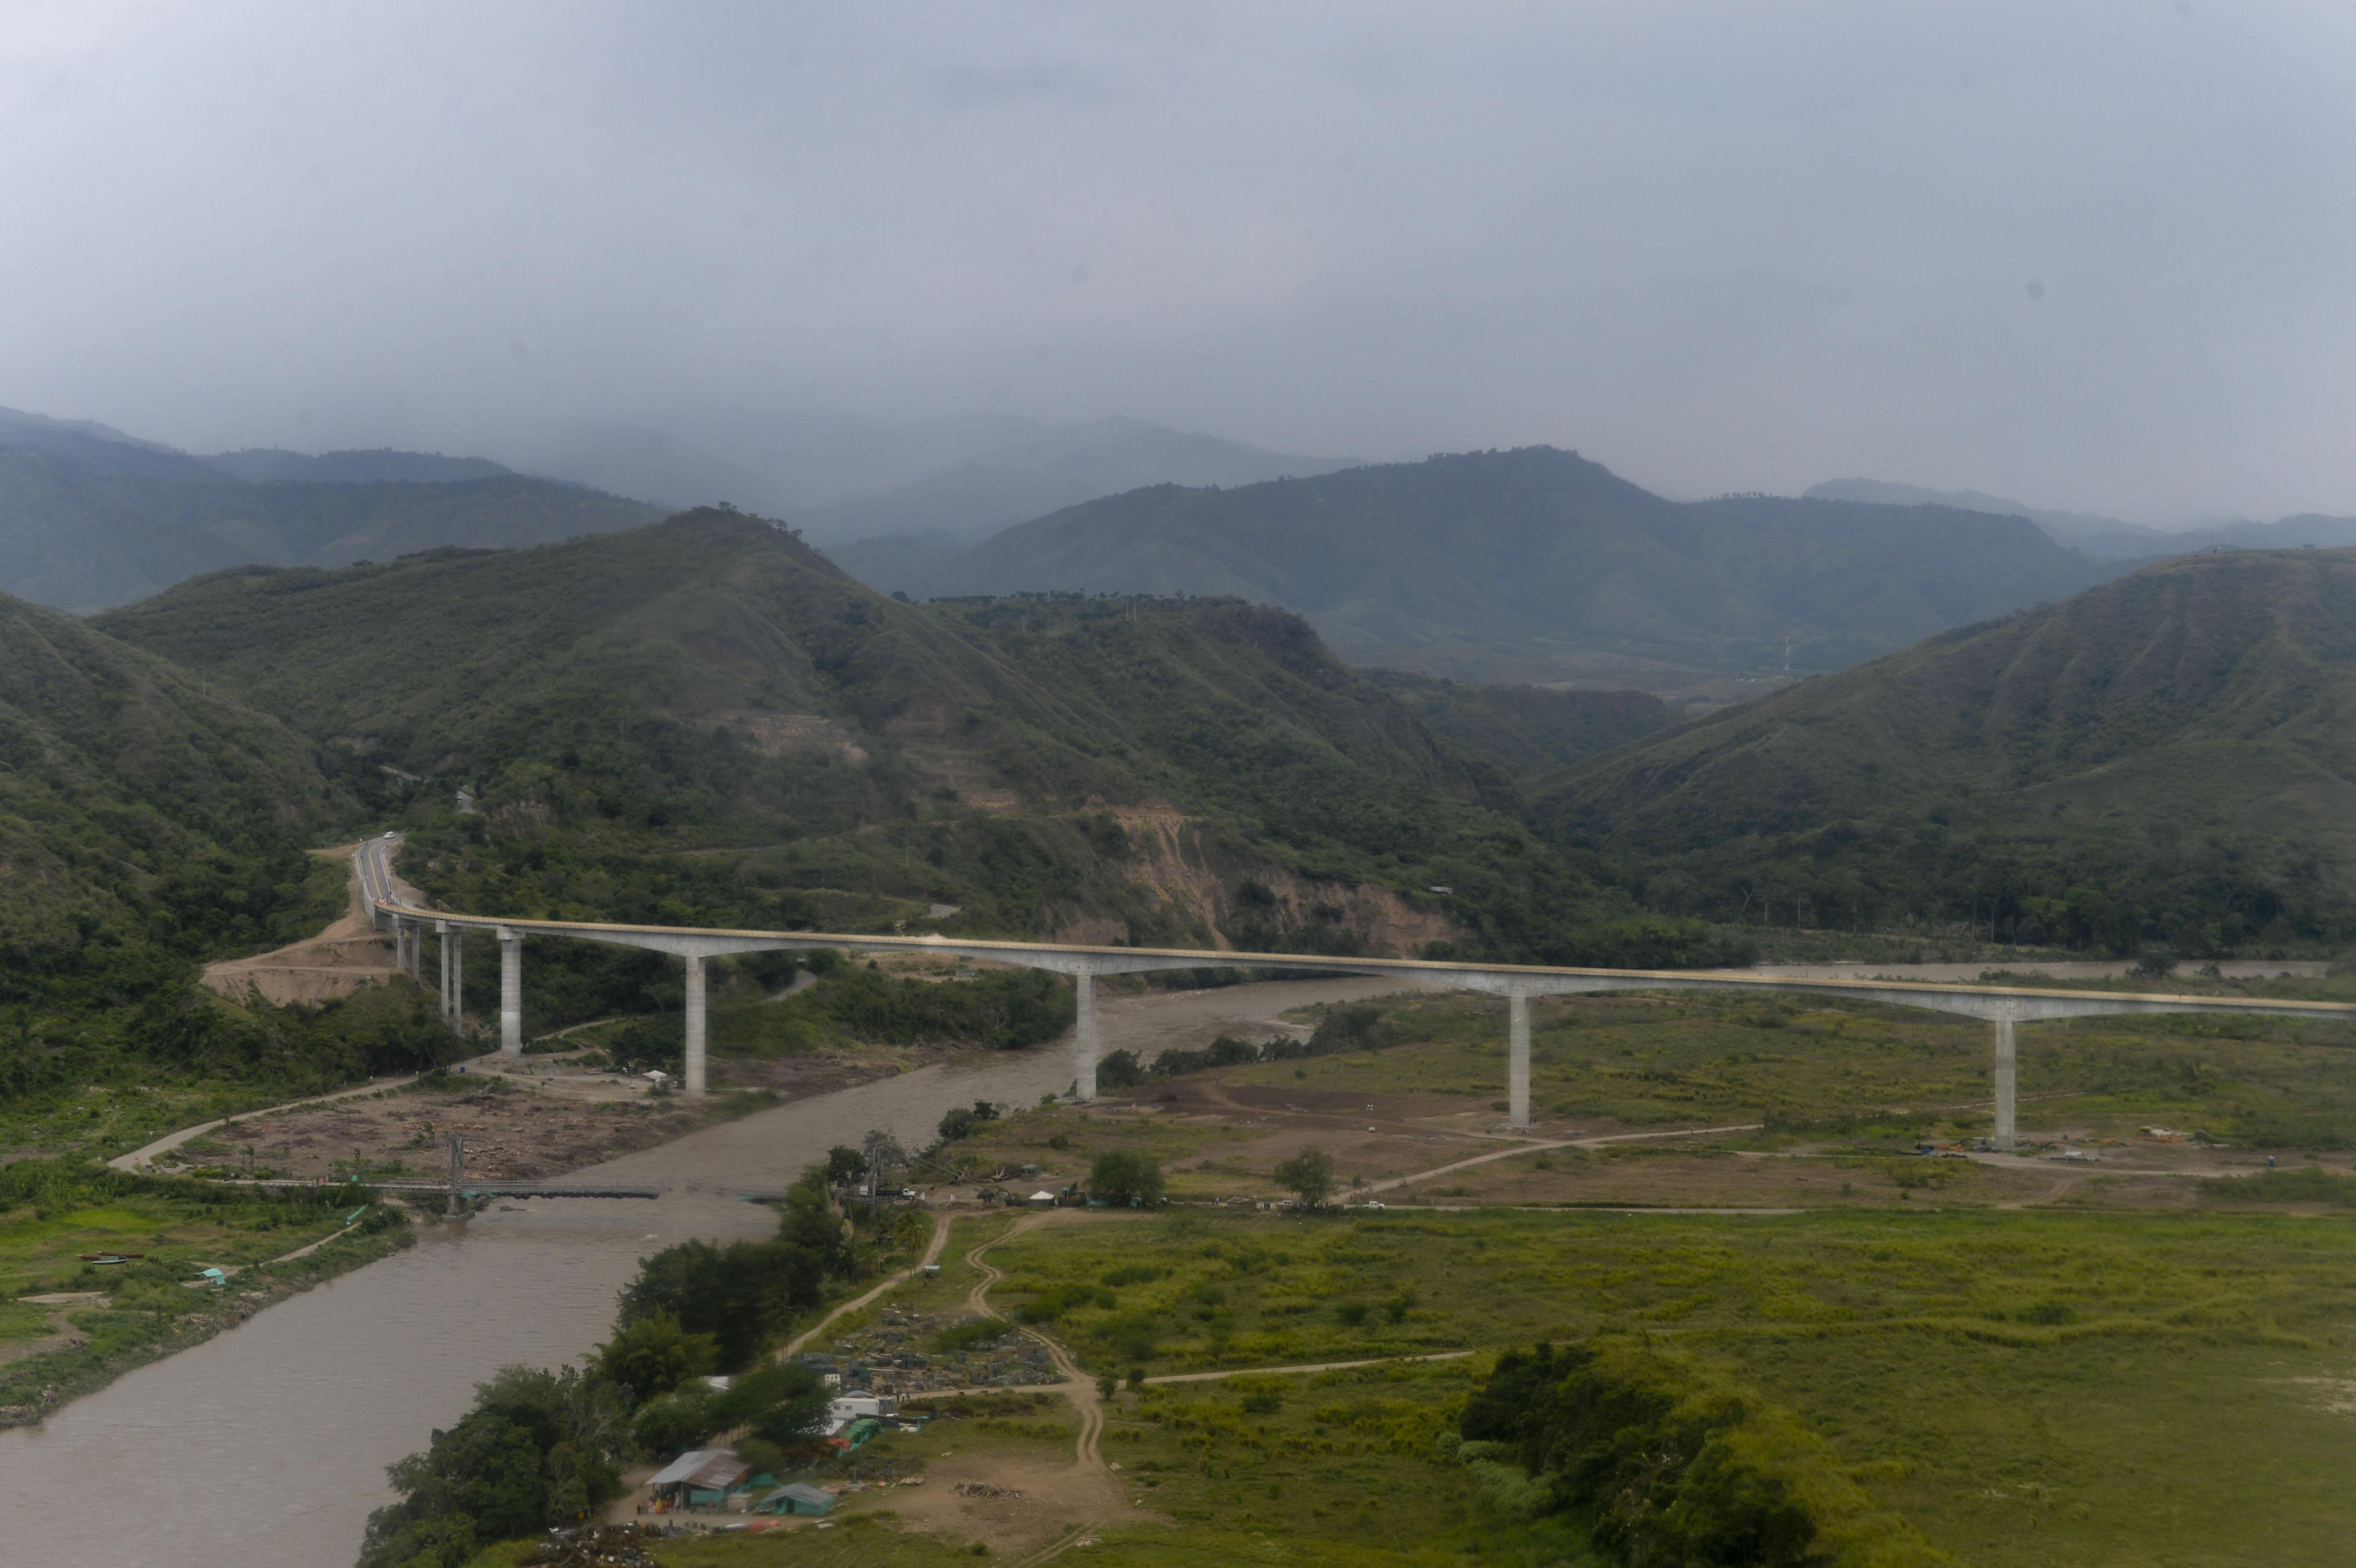 viaducto de Balseadero, el más grande del país,